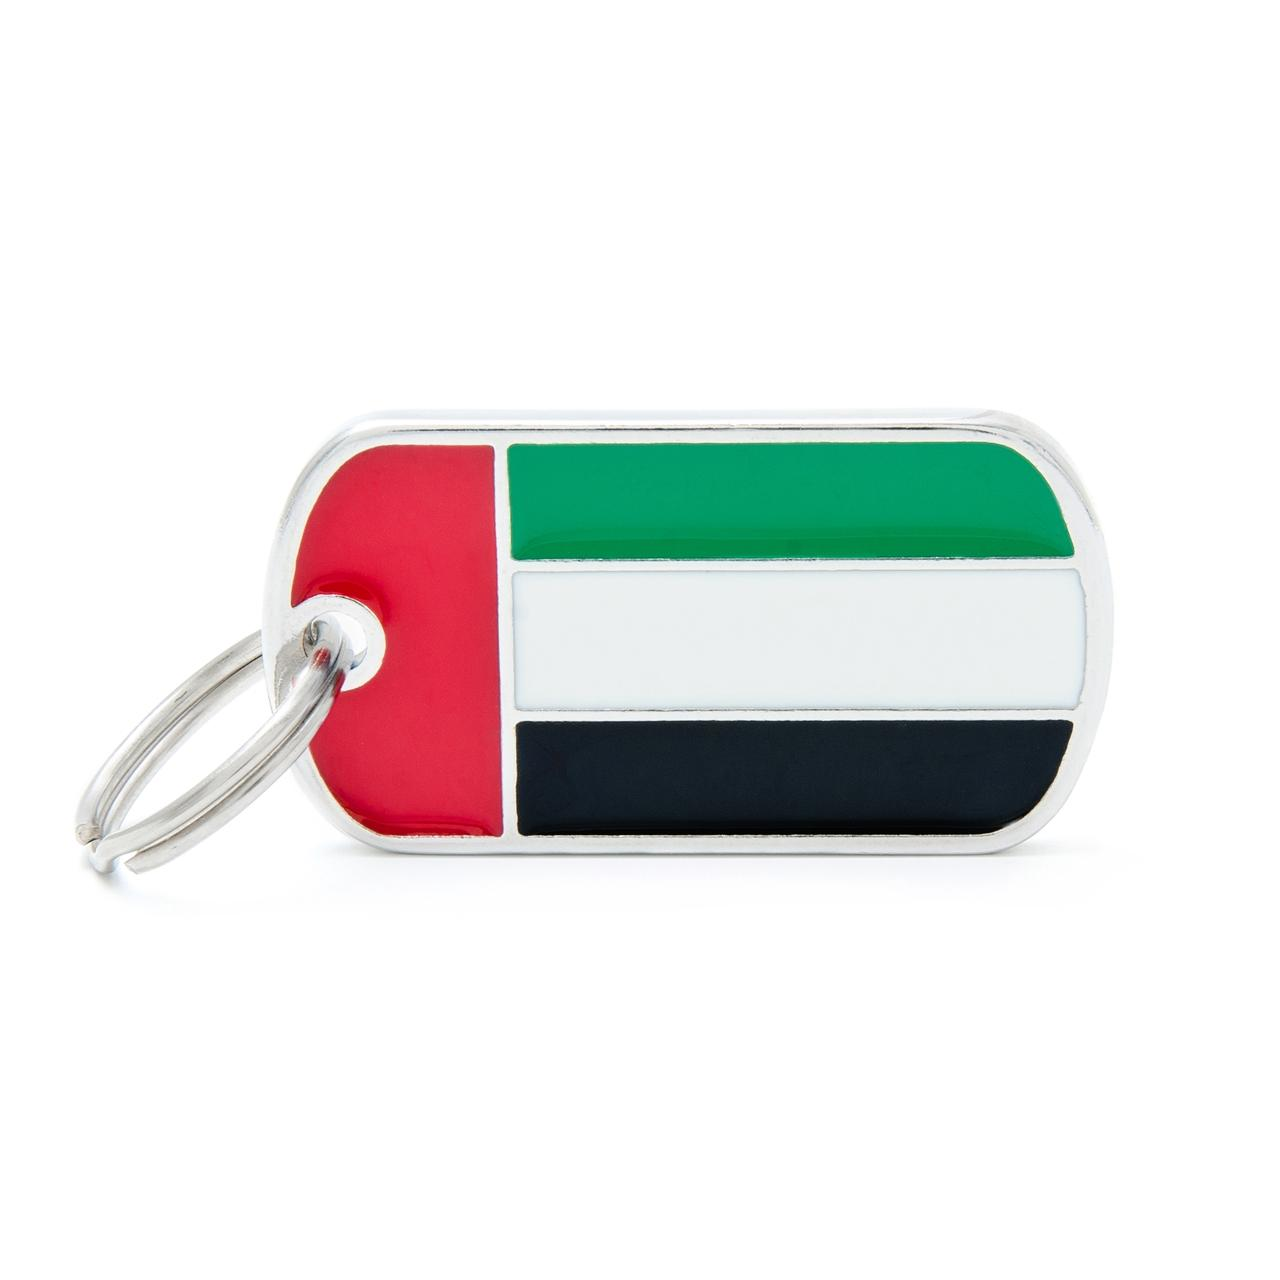 Placa Bandera de Emiratos Árabes Unidos